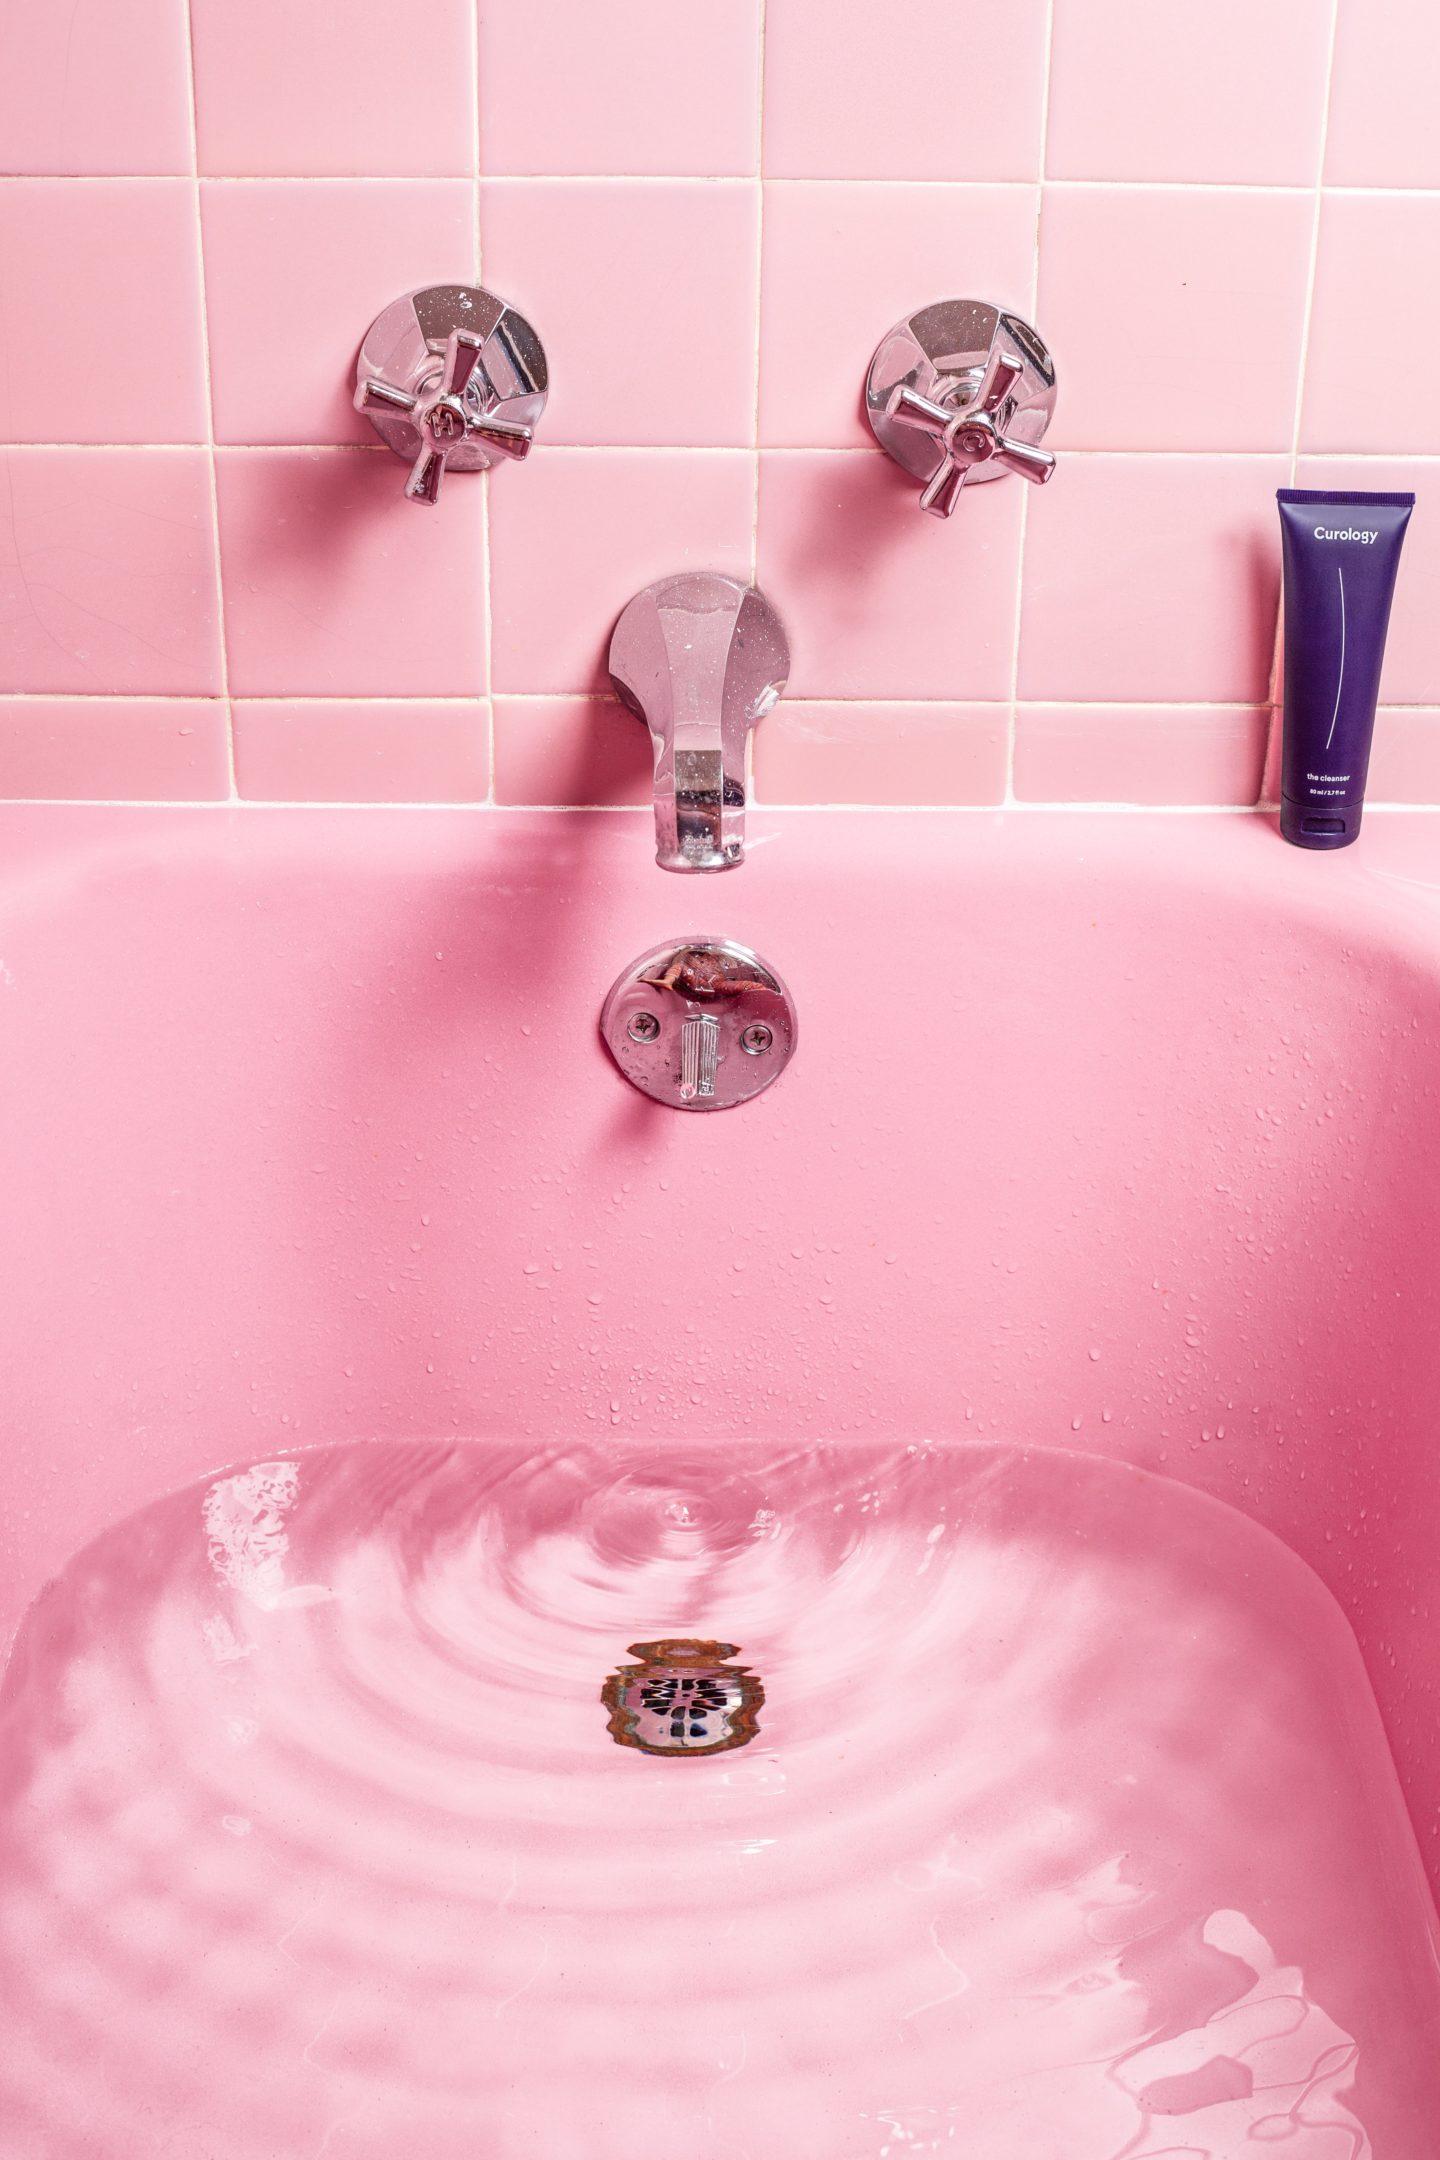 Comment faire des économies d'eau à la maison ?